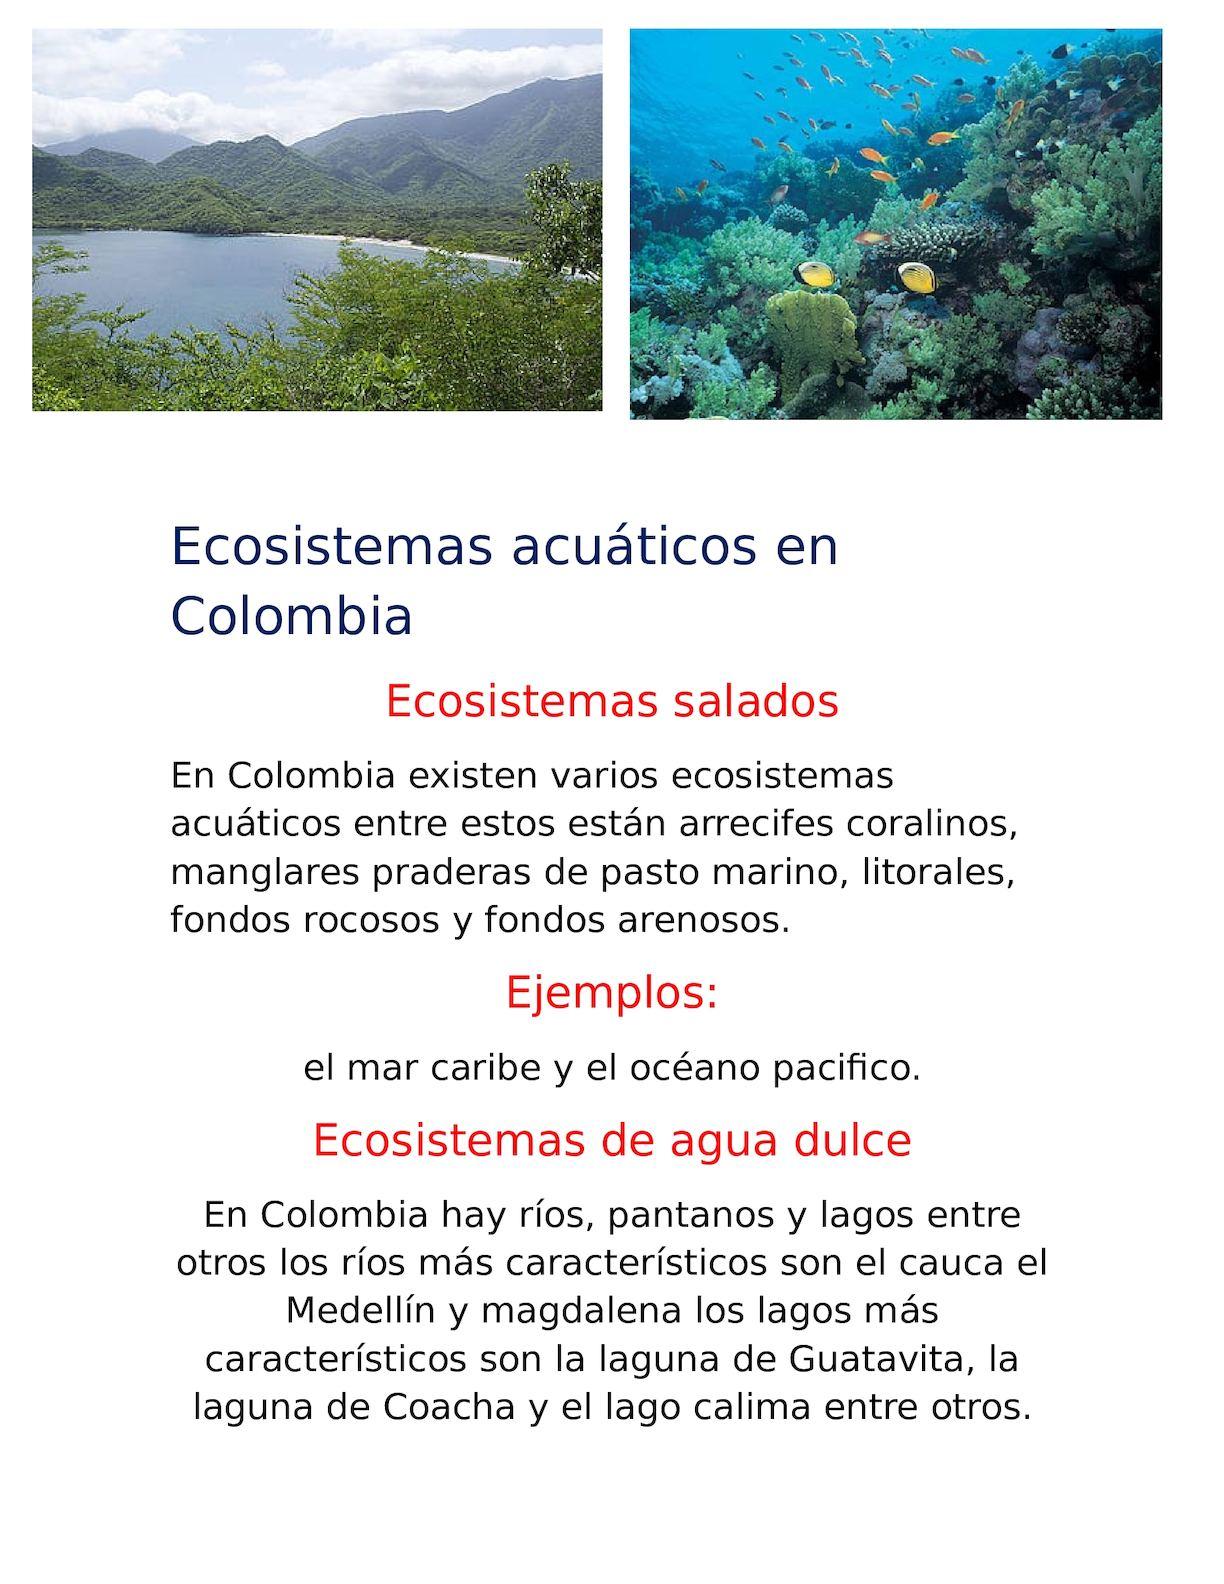 Calaméo Ecosistemas Acuáticos En Colombia